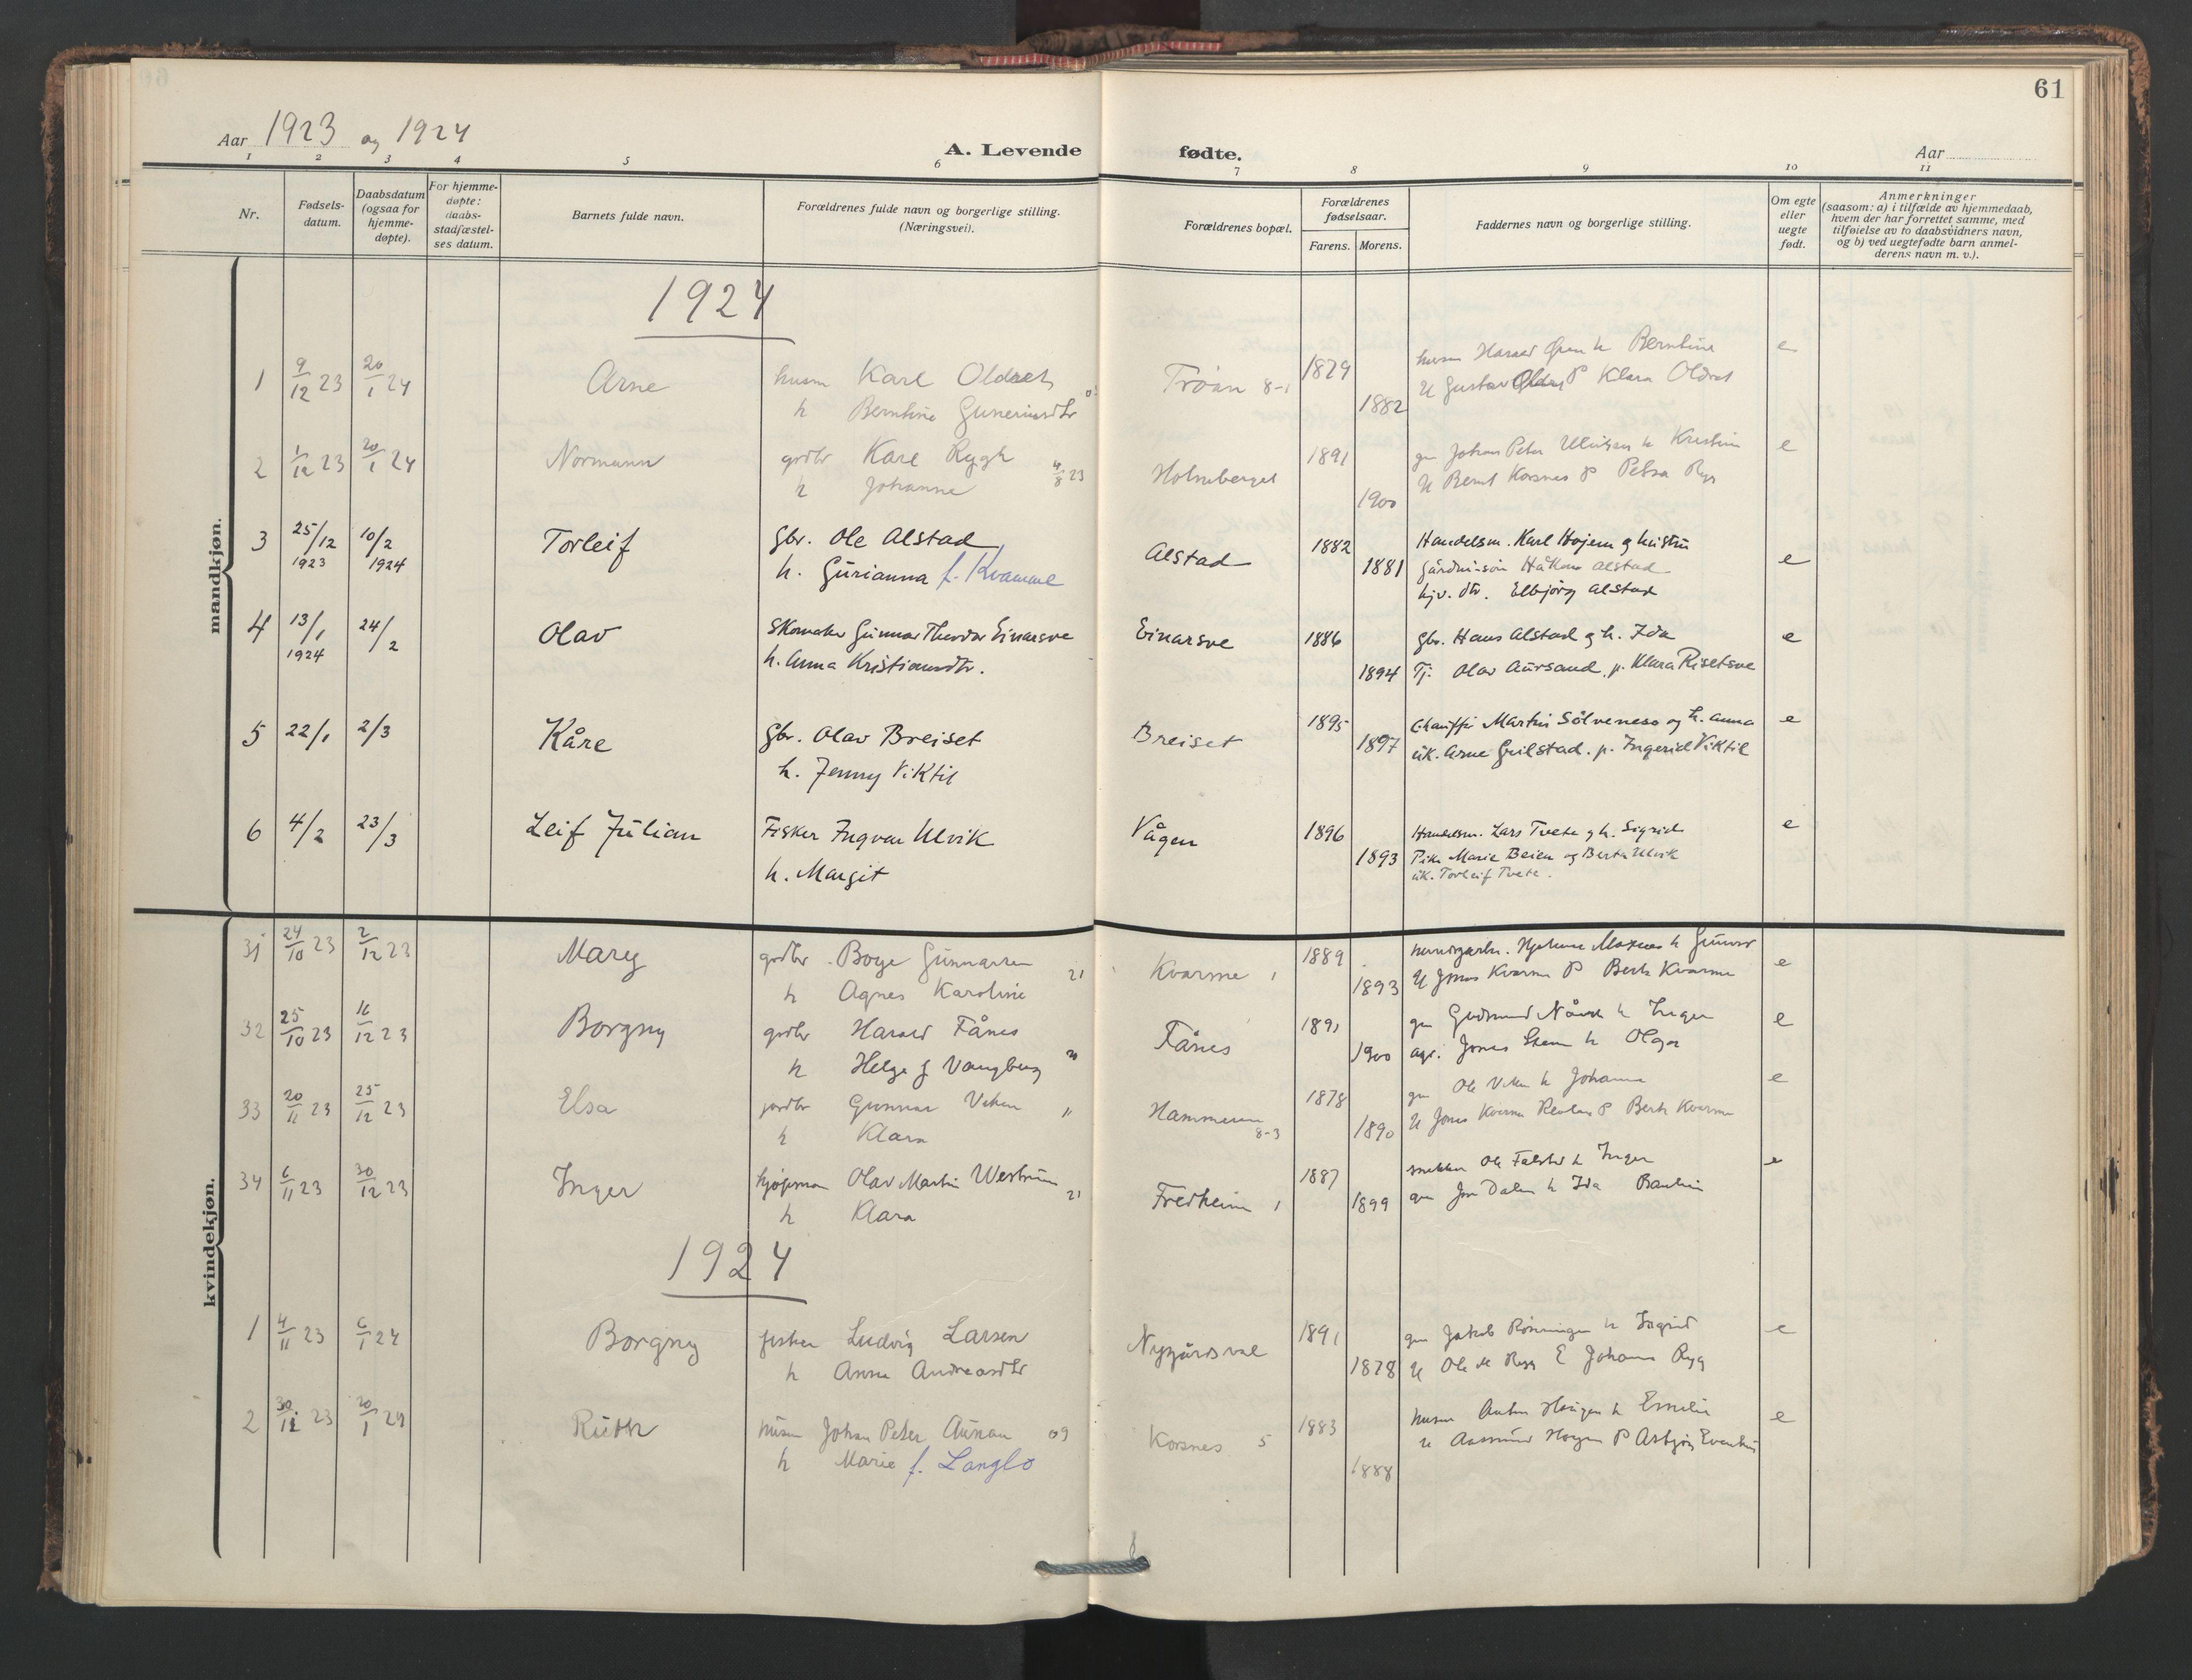 SAT, Ministerialprotokoller, klokkerbøker og fødselsregistre - Nord-Trøndelag, 713/L0123: Ministerialbok nr. 713A12, 1911-1925, s. 61